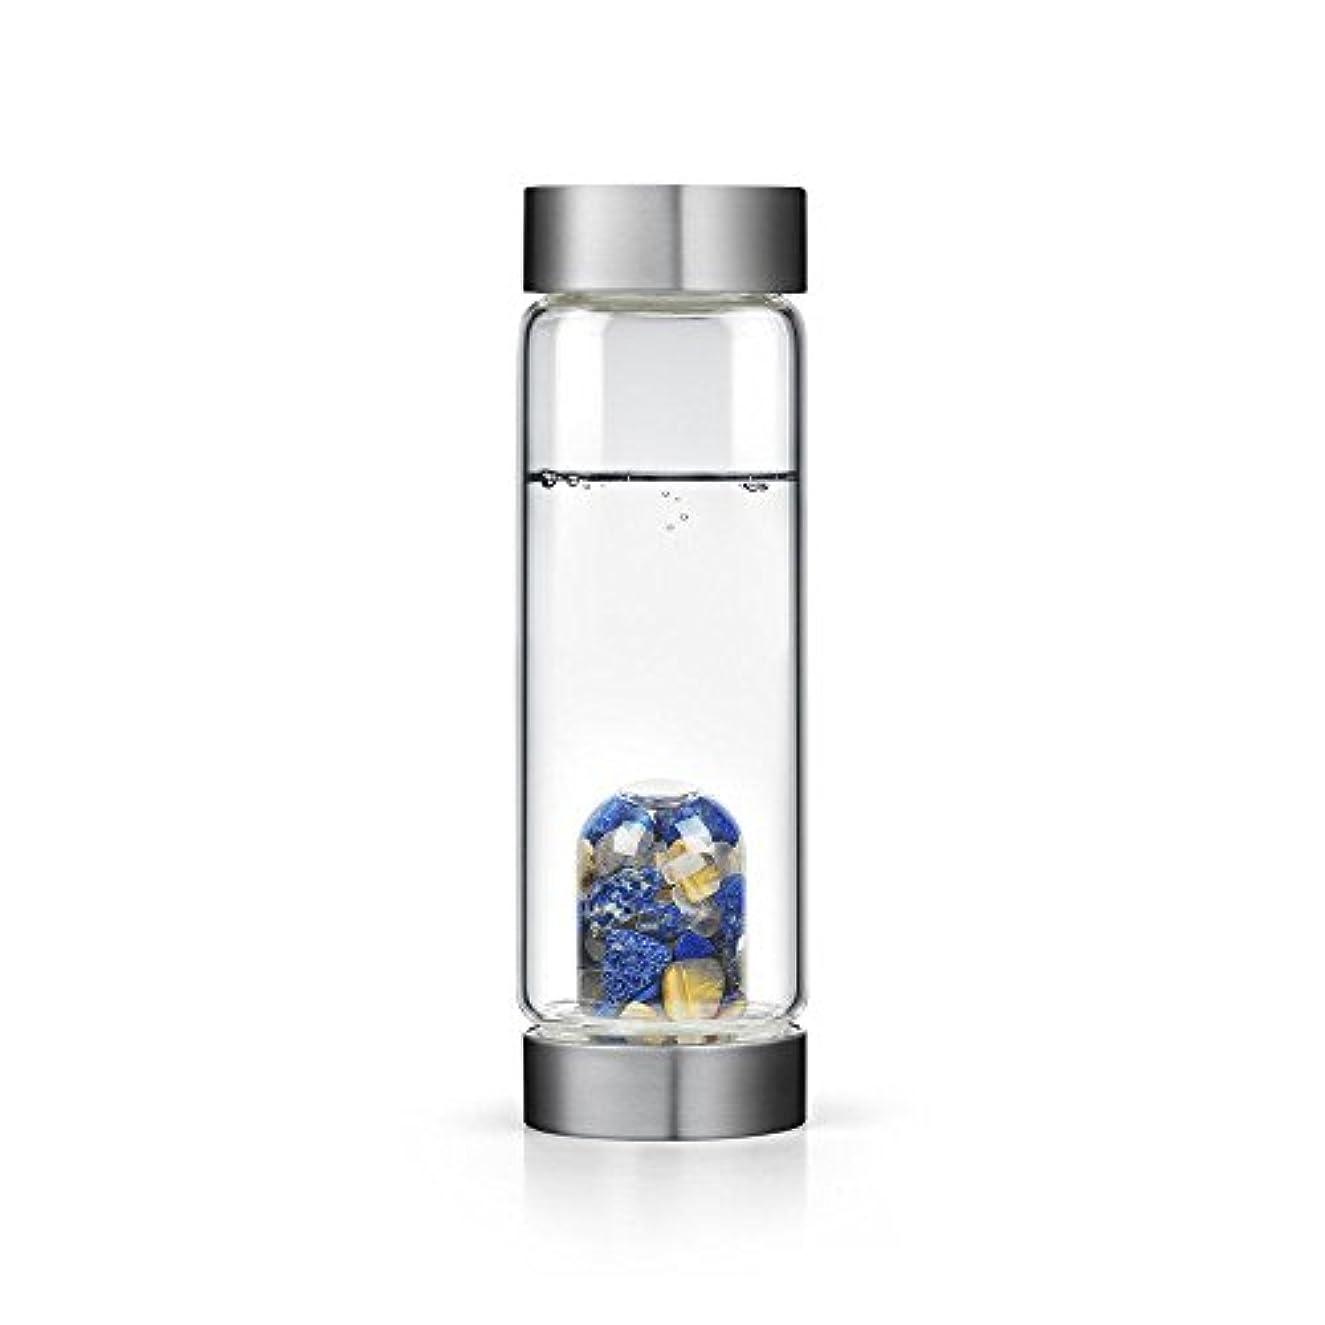 活発限りなくランドマークインスピレーションgem-waterボトルby VitaJuwel W / Freeカリフォルニアホワイトセージバンドル 16.9 fl oz